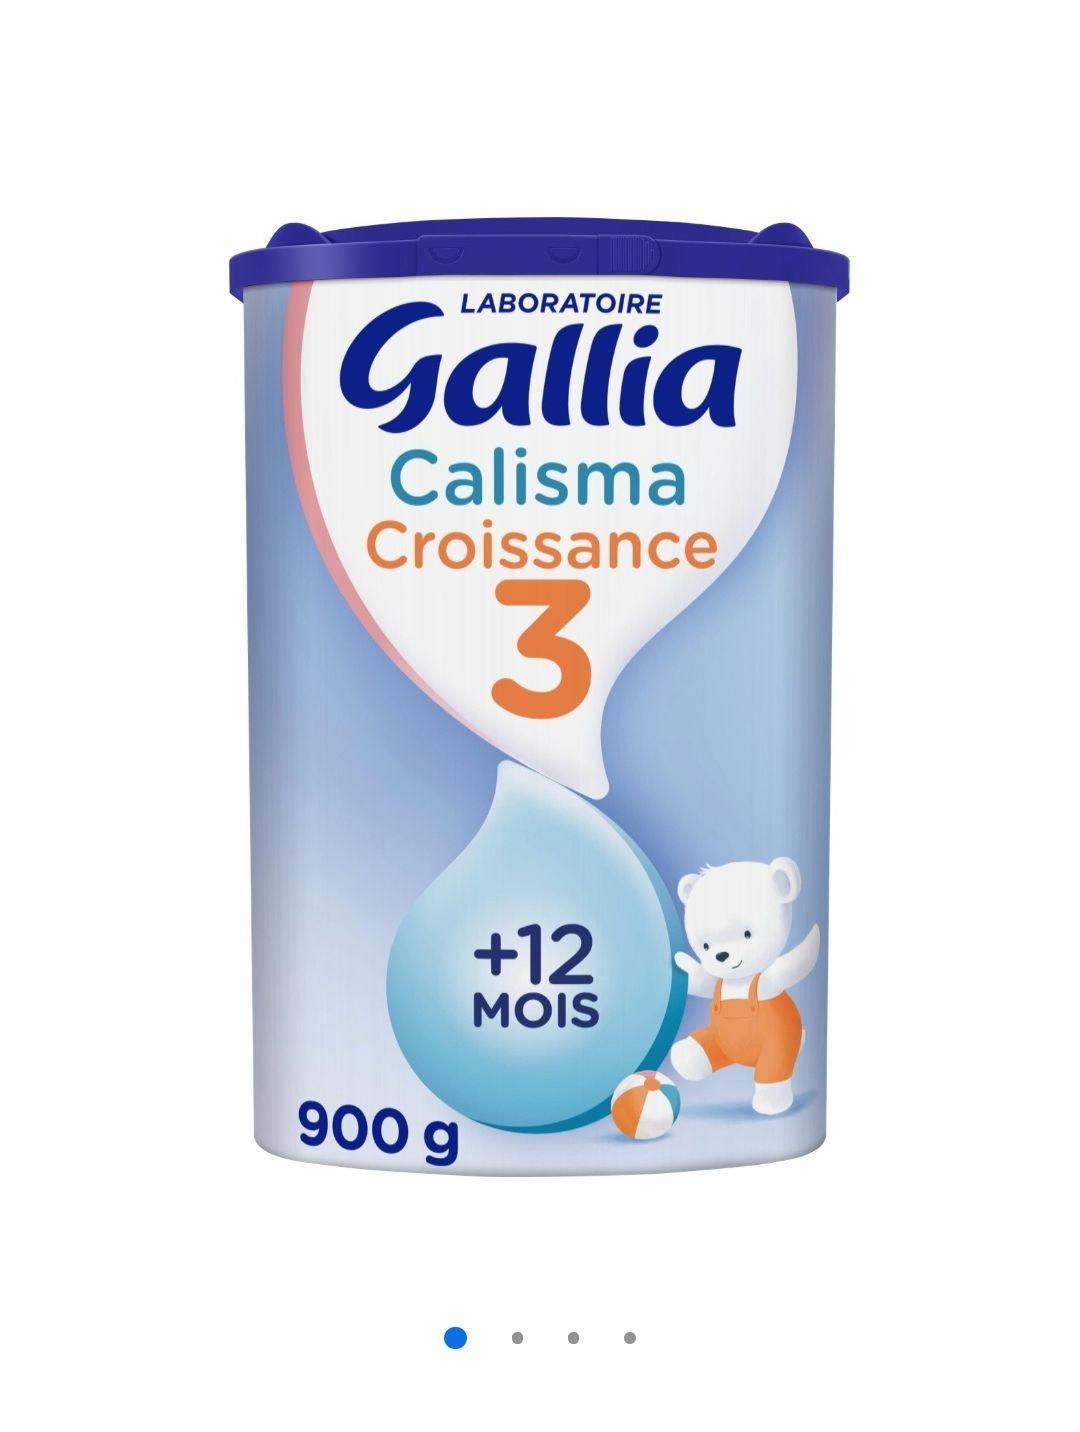 3 Boites de lait pour bébé Gallia Callisma Croissance 3 dès 12 Mois - 3x900g